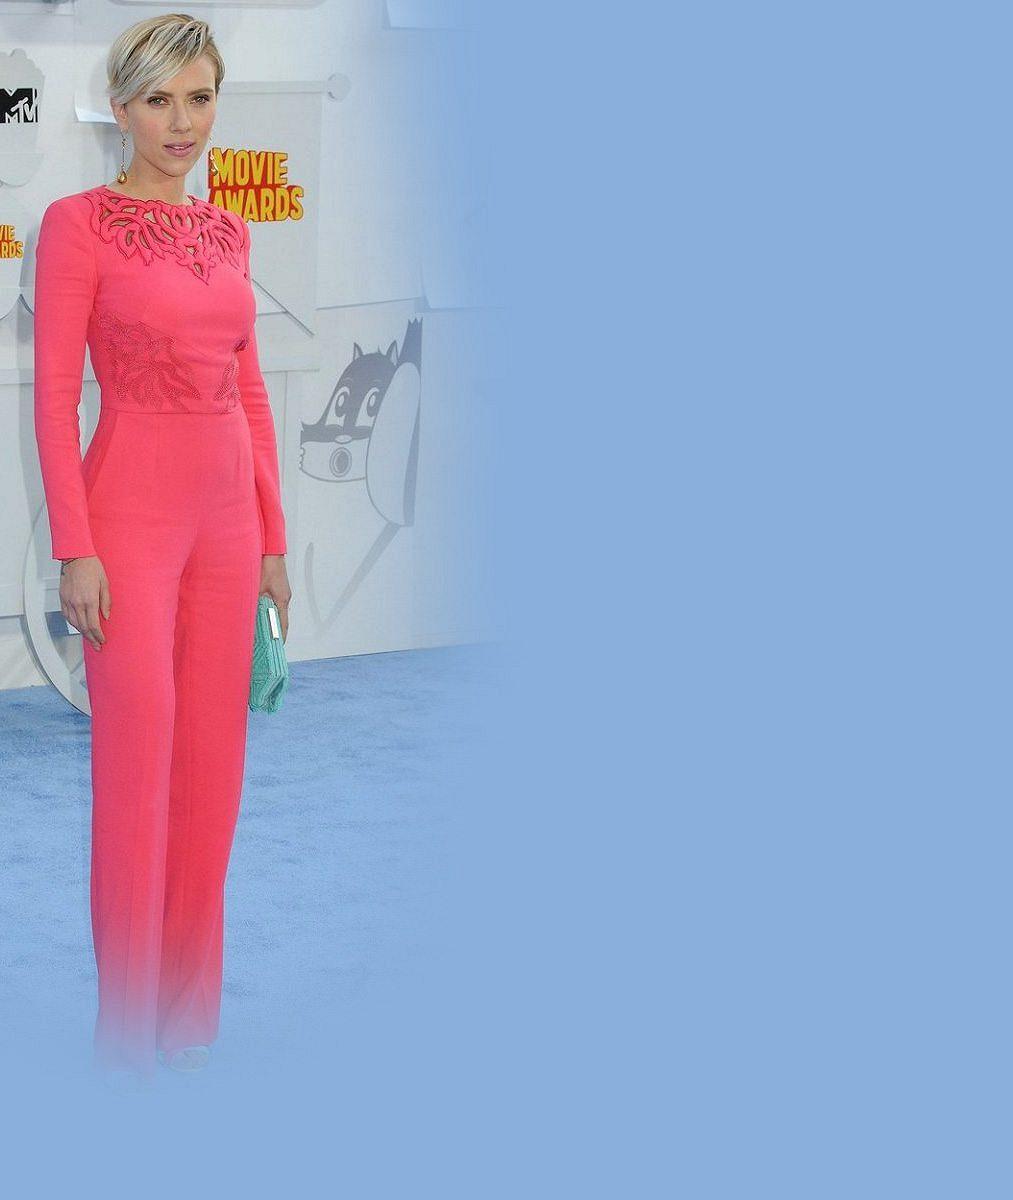 Půl roku po porodu je jako nitka: Křehounká Scarlett Johansson byla vrůžovém overalu hubenější než kdy dříve